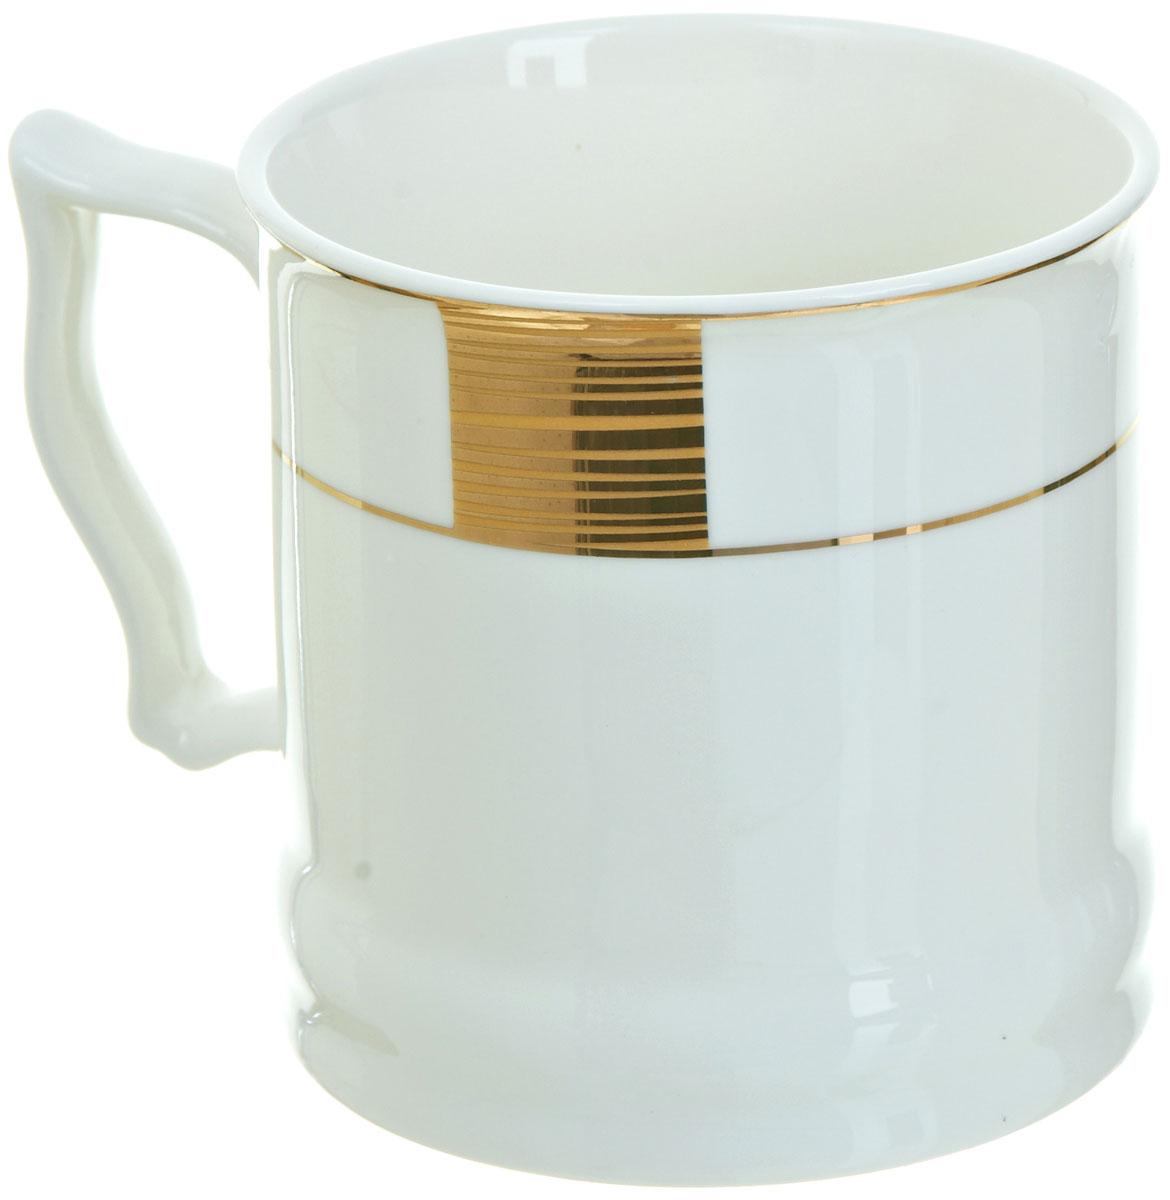 Кружка BHP Королевская кружка, 500 мл. M1870010115510Оригинальная кружка Best Home Porcelain, выполненная из высококачественного фарфора, сочетает в себе простой, утонченный дизайн с максимальной функциональностью. Оригинальность оформления придутся по вкусу тем, кто ценит индивидуальность.Можно использовать в посудомоечной машине.